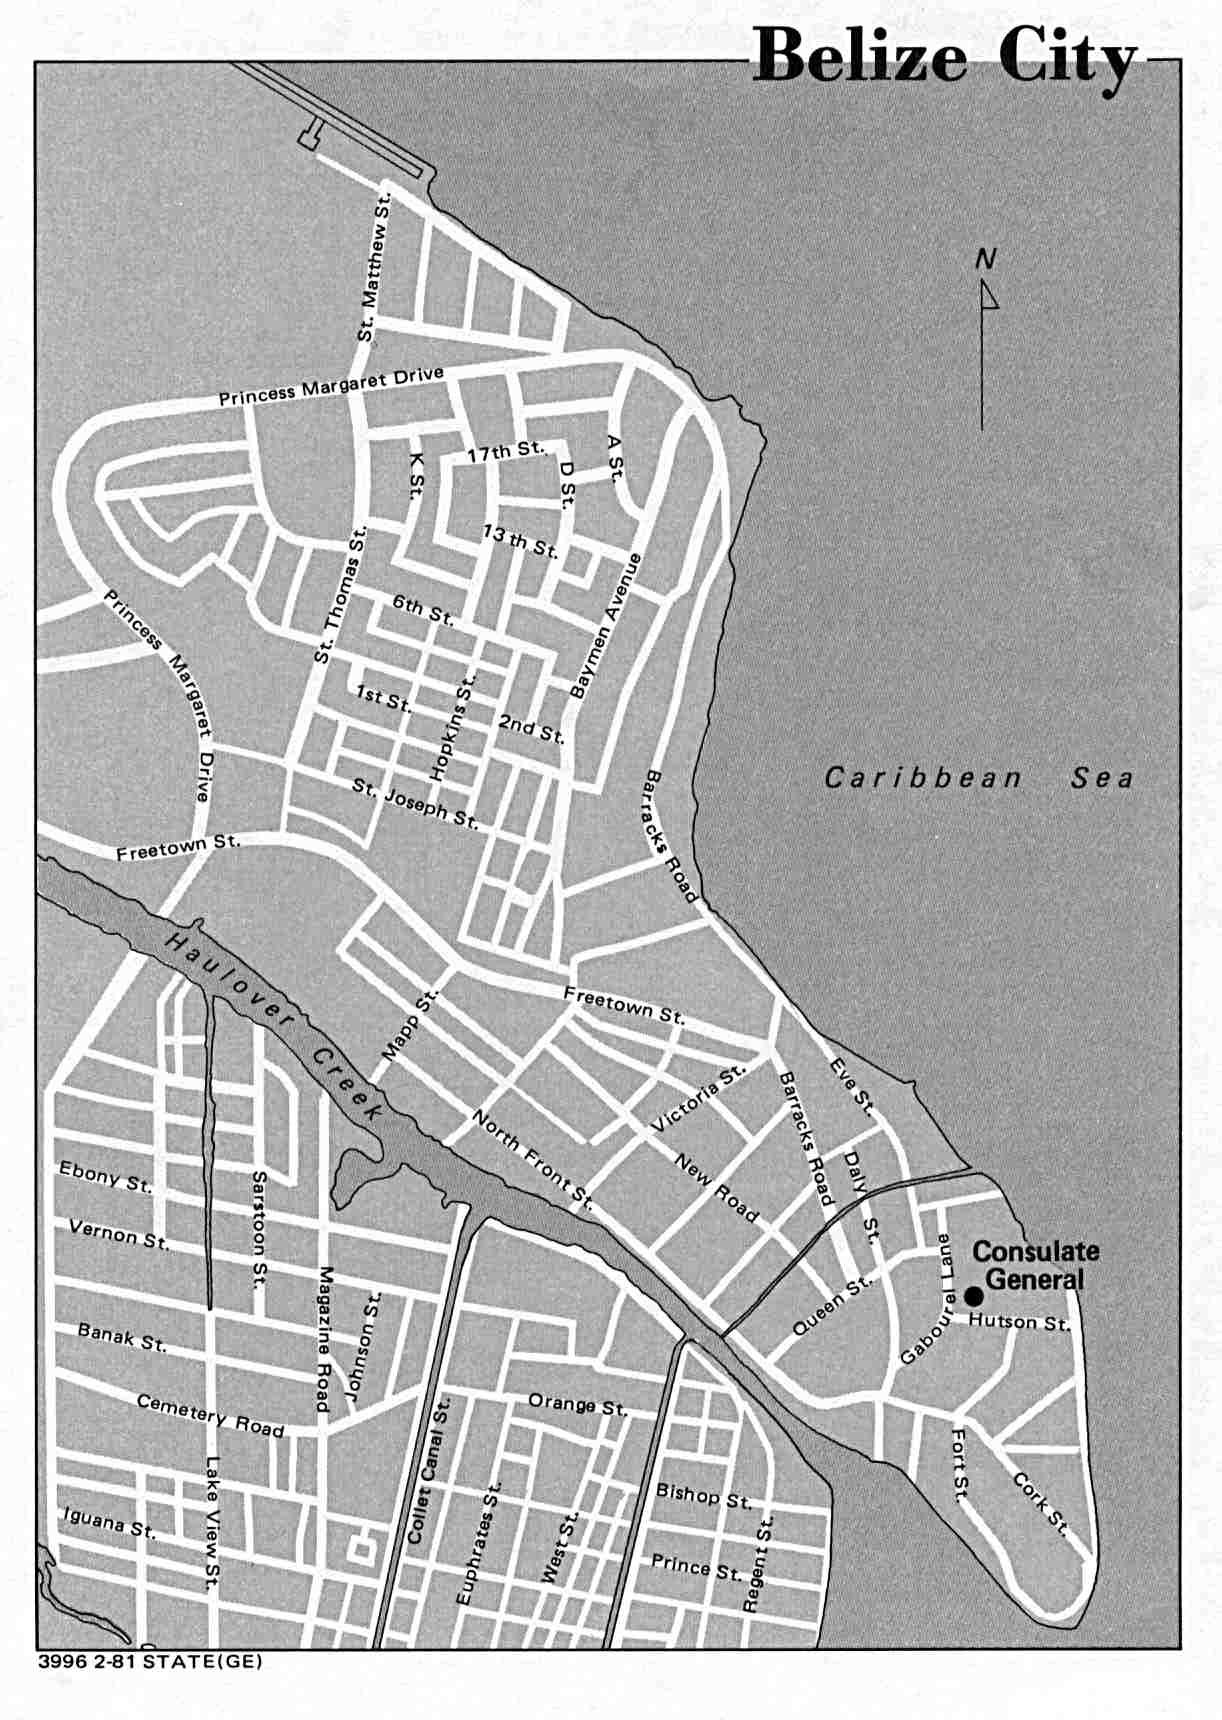 FileBelize city map 1981jpg Wikimedia Commons